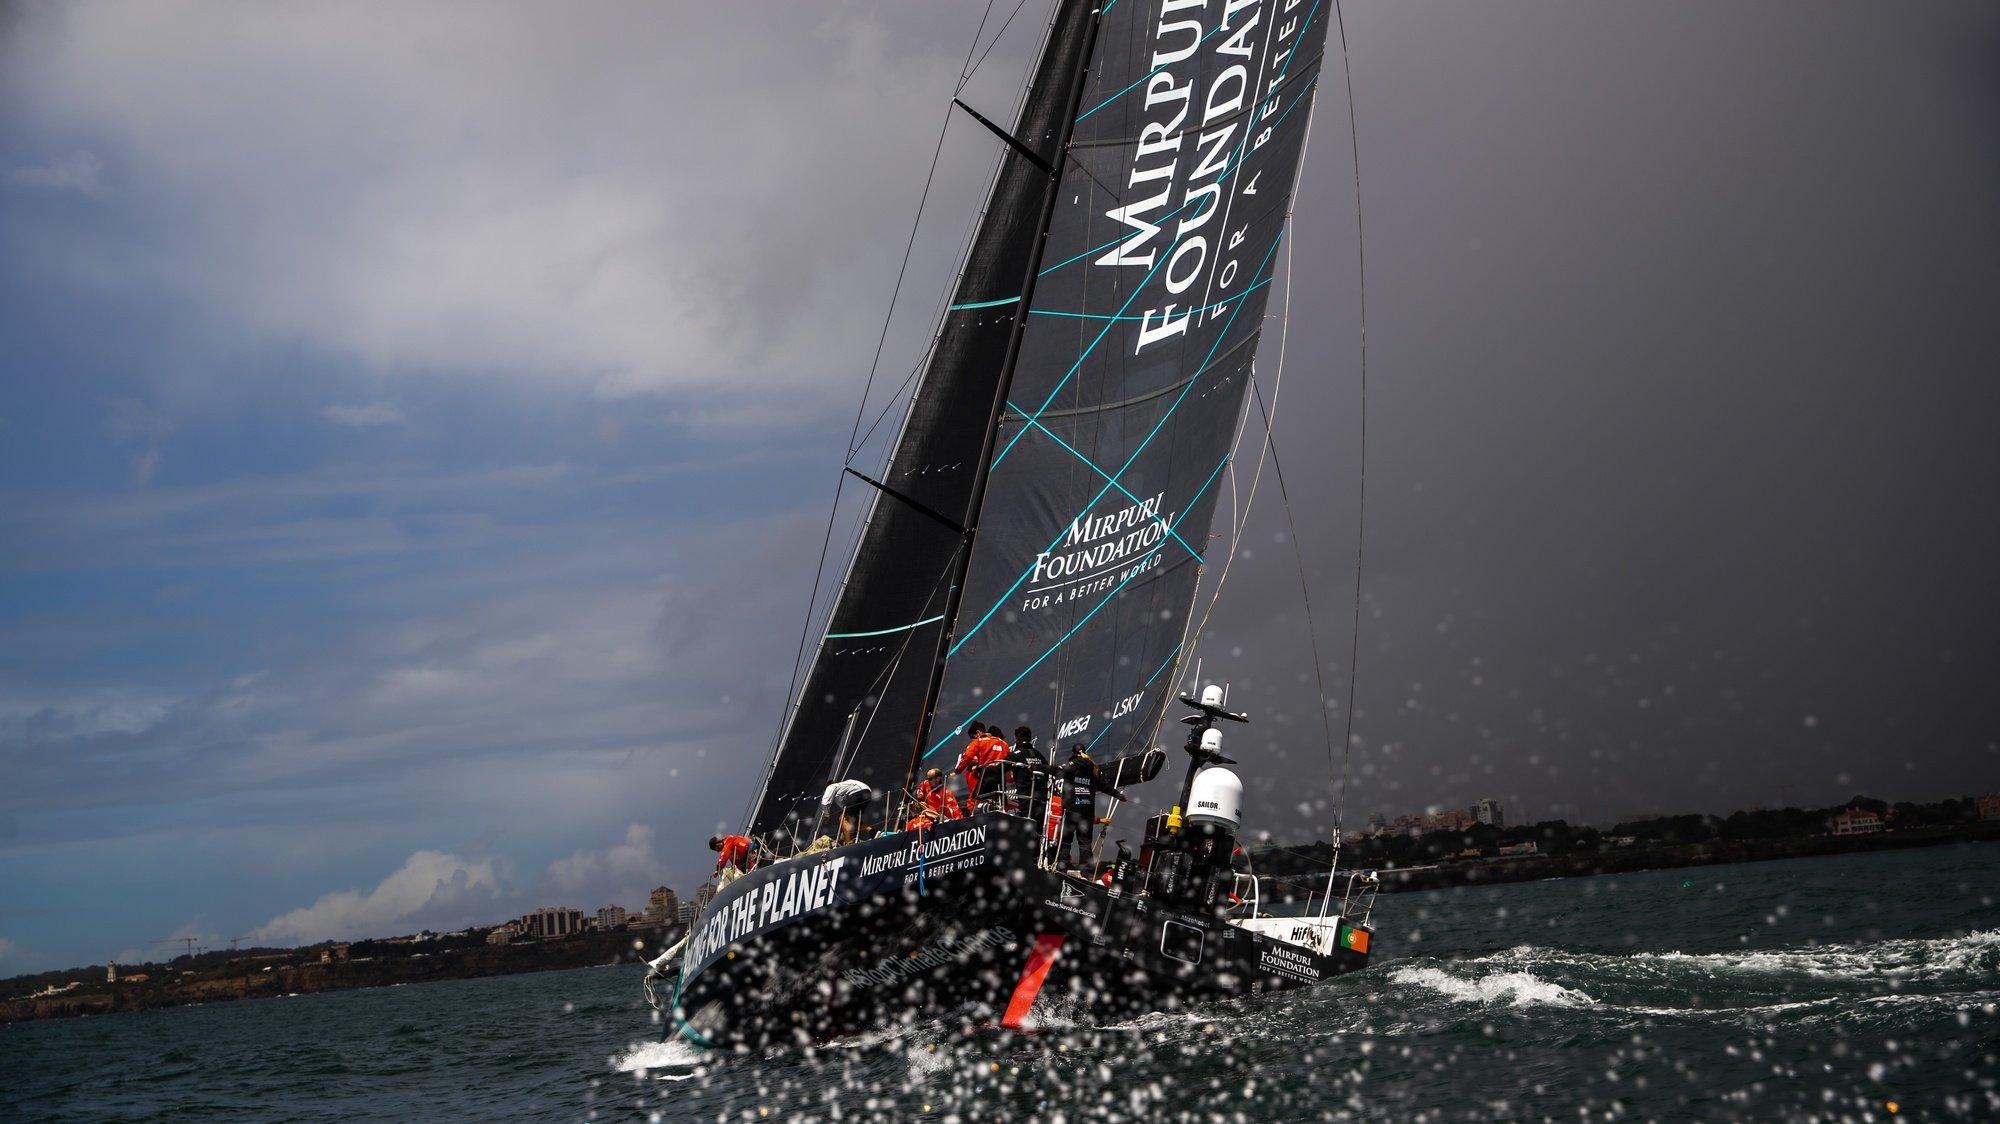 """A equipa de vela da classe VO65, Mirpuri Foundation Racing Team, durante um treino de preparação para a primeira edição da """"The Ocean Race Europe"""", que terá início a 29 de maio em Lorient, França, e terminará em Génova, Itália, ao largo de Cascais, 10 de maio de 2021. (ACOMPANHA TEXTO DA LUSA DO DIA 13 DE MAIO DE 2021). JOSE SENA GOULAO/LUSA"""